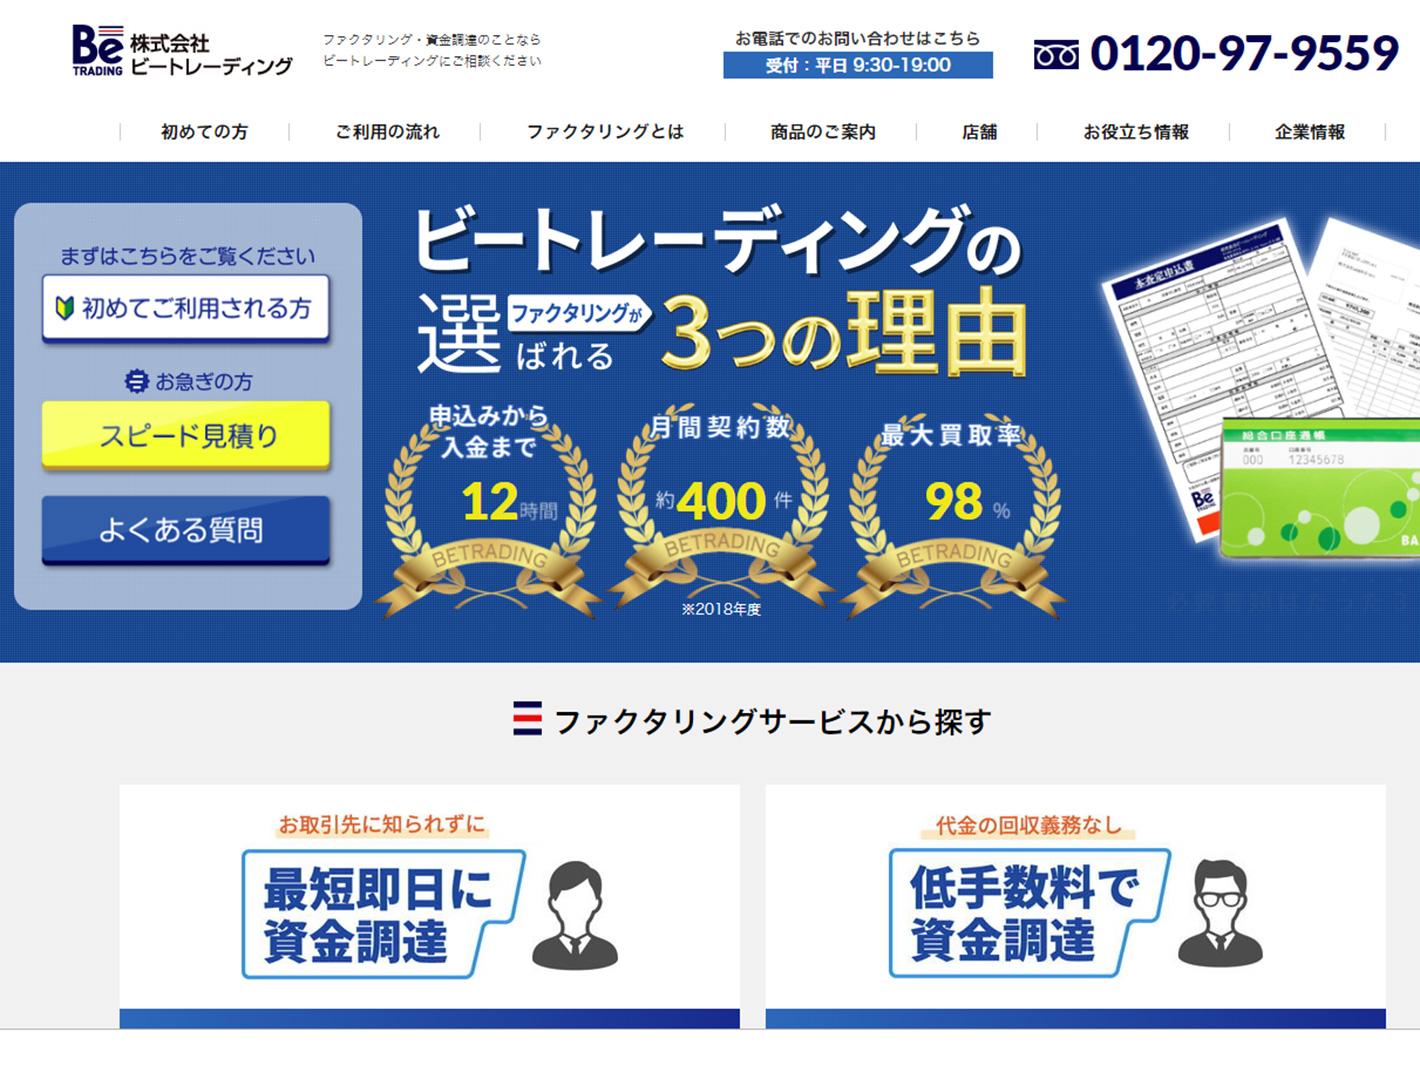 株式会社ビートレーディング 大阪支店